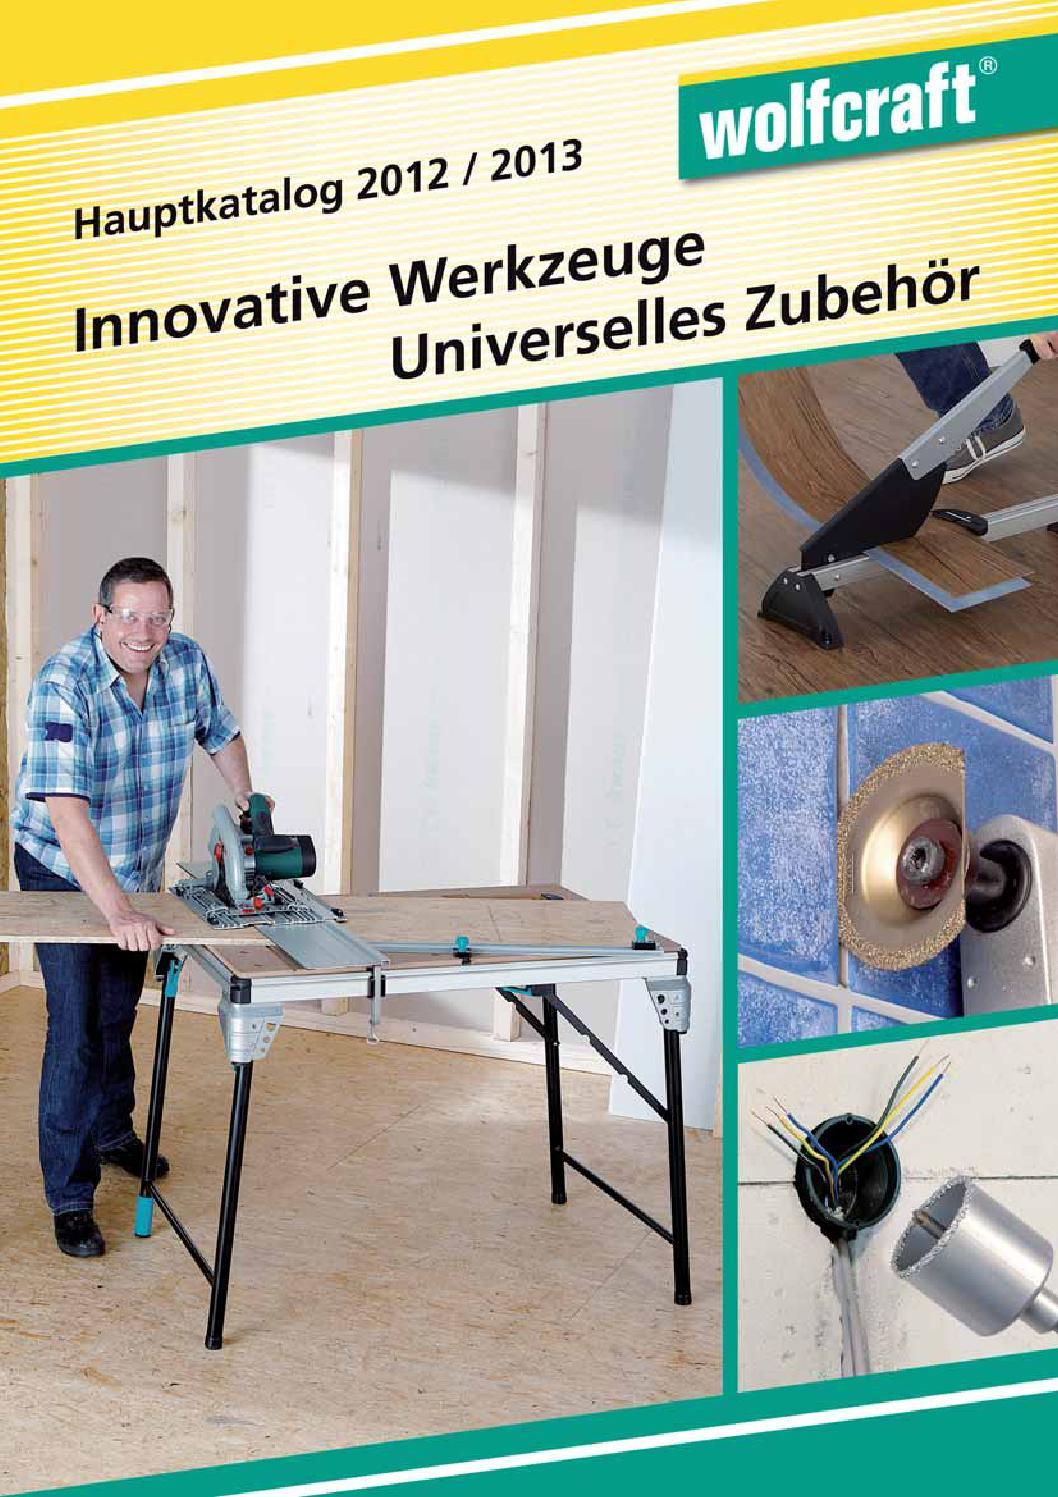 Wolfcraft 3271000  Ratschen-Bandspanner mit Haken und Bandaufwicklung Spannkraft 80 kg 4 m